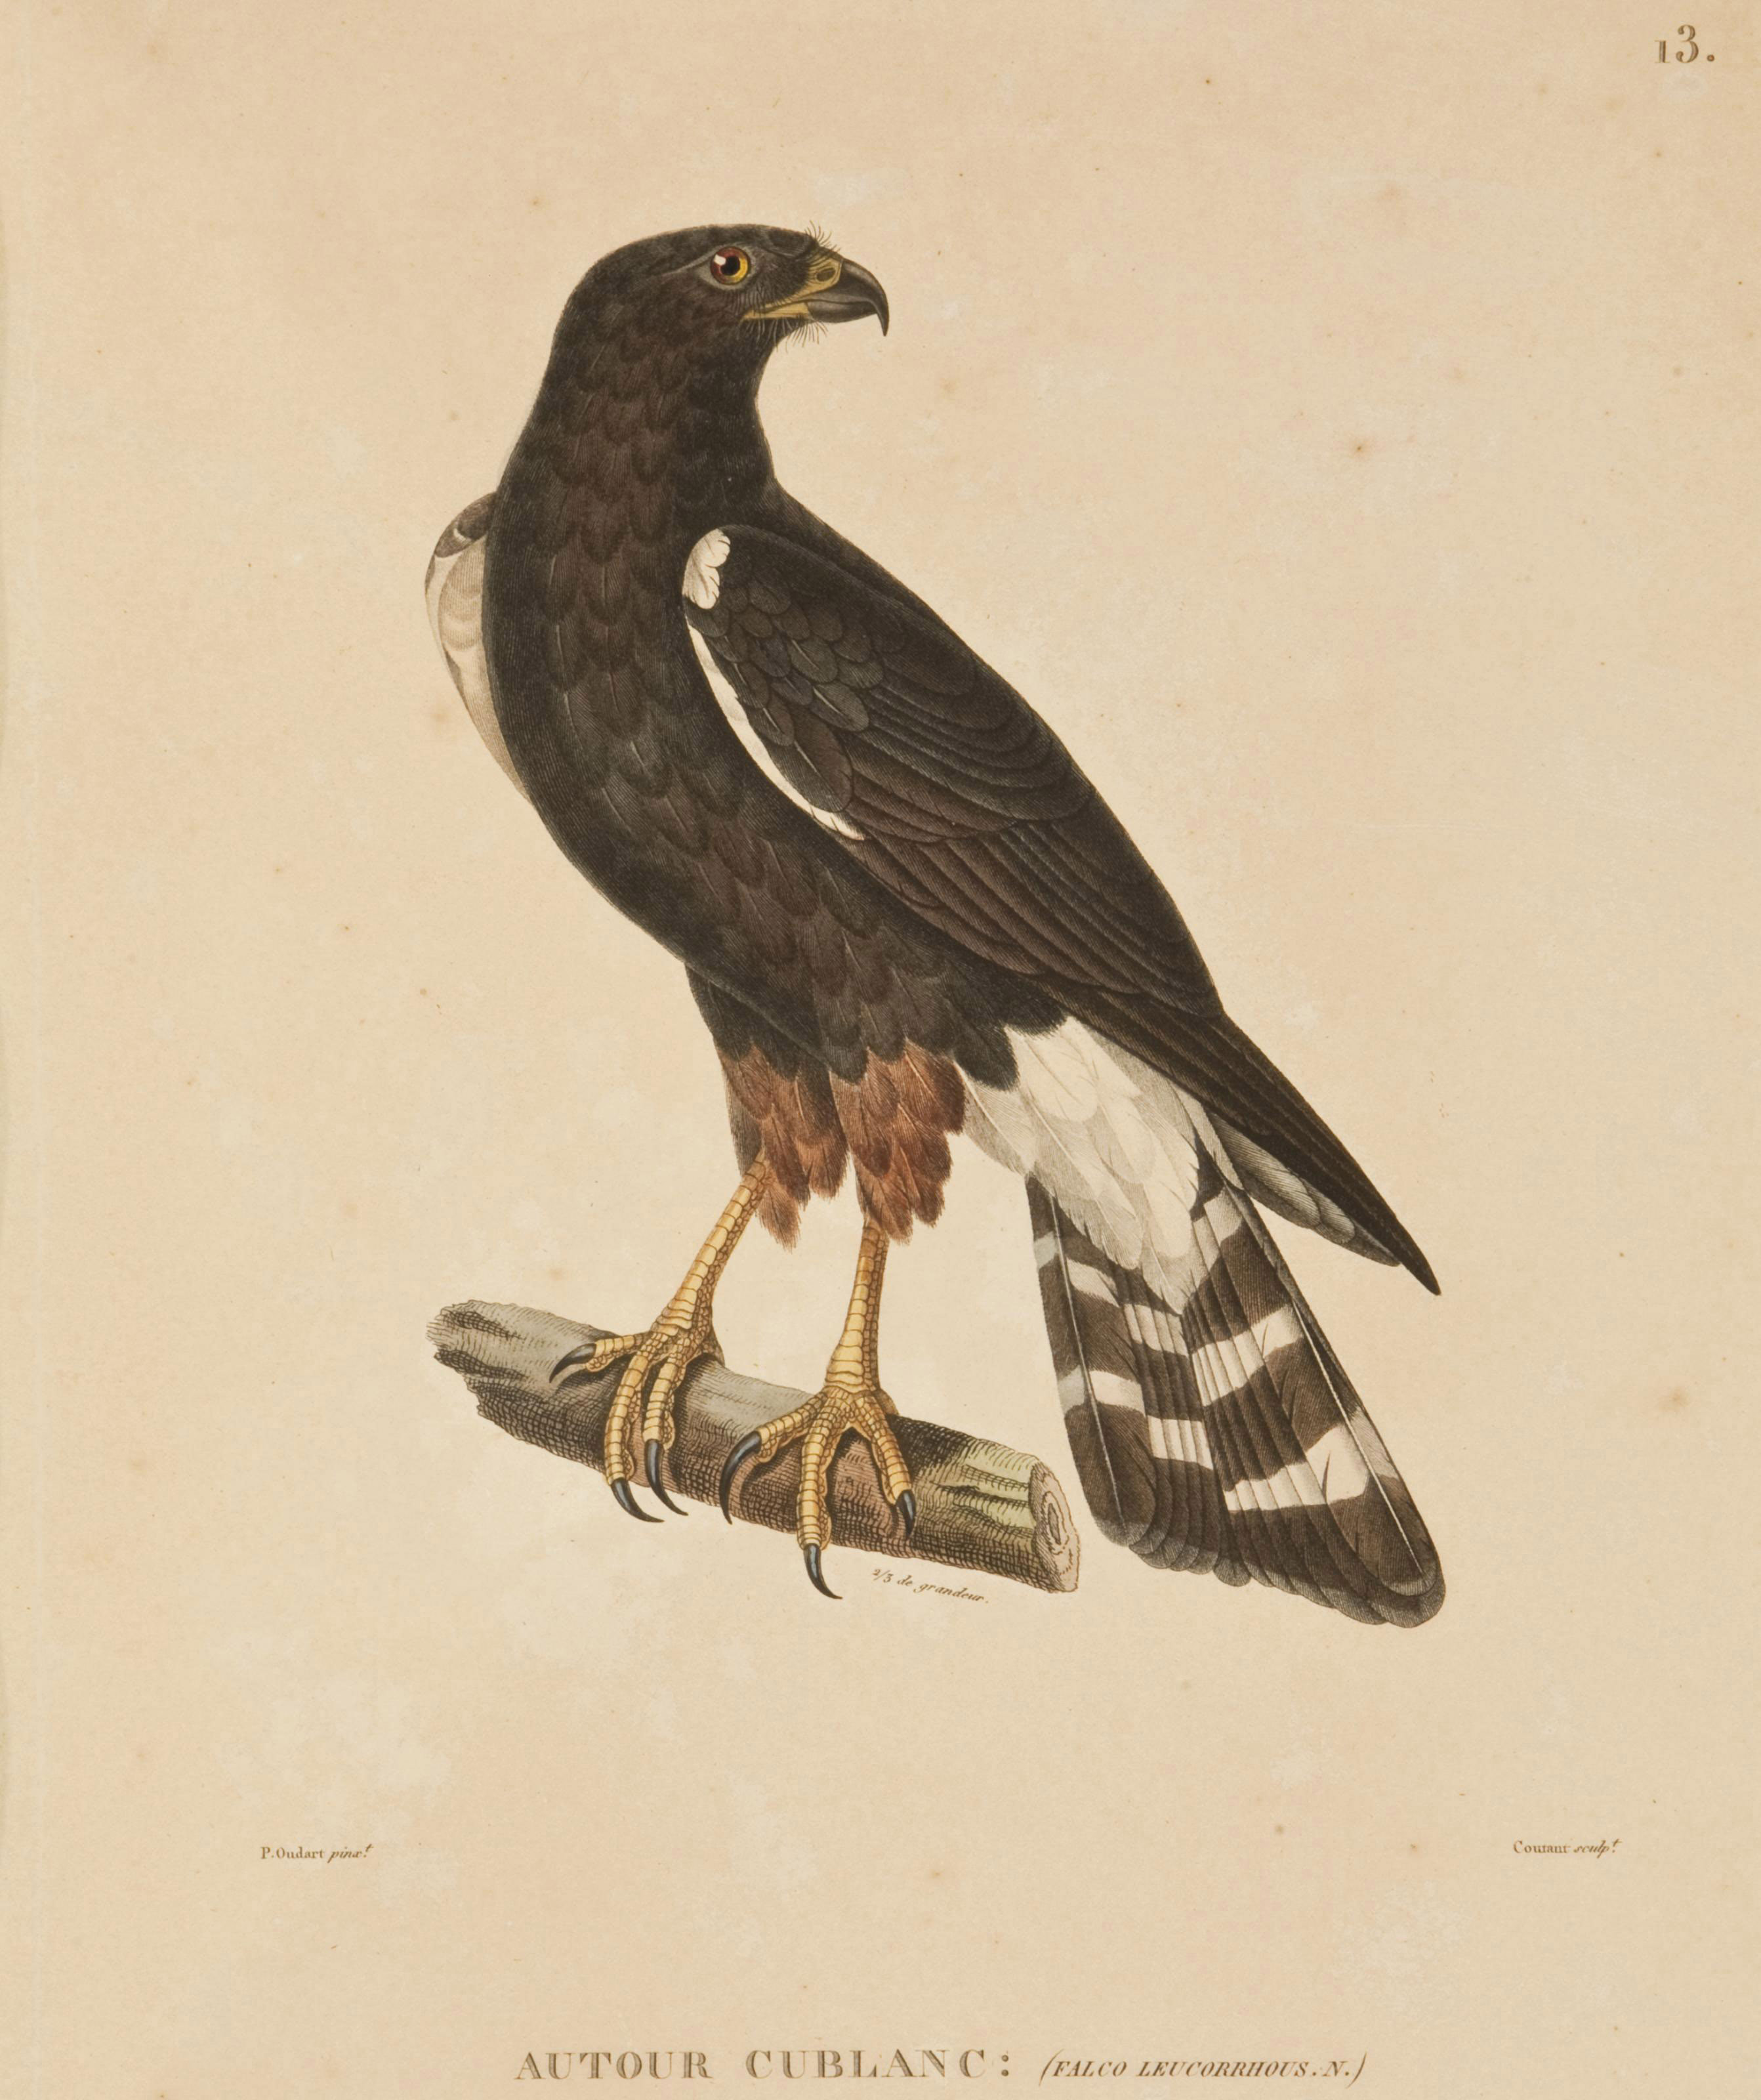 FREYCINET, Louis Claude Desaulses de (1779-1842). Voyage autour du monde. Atlas zoologique [seul]. Paris: Pillet, 1824 [-1826].